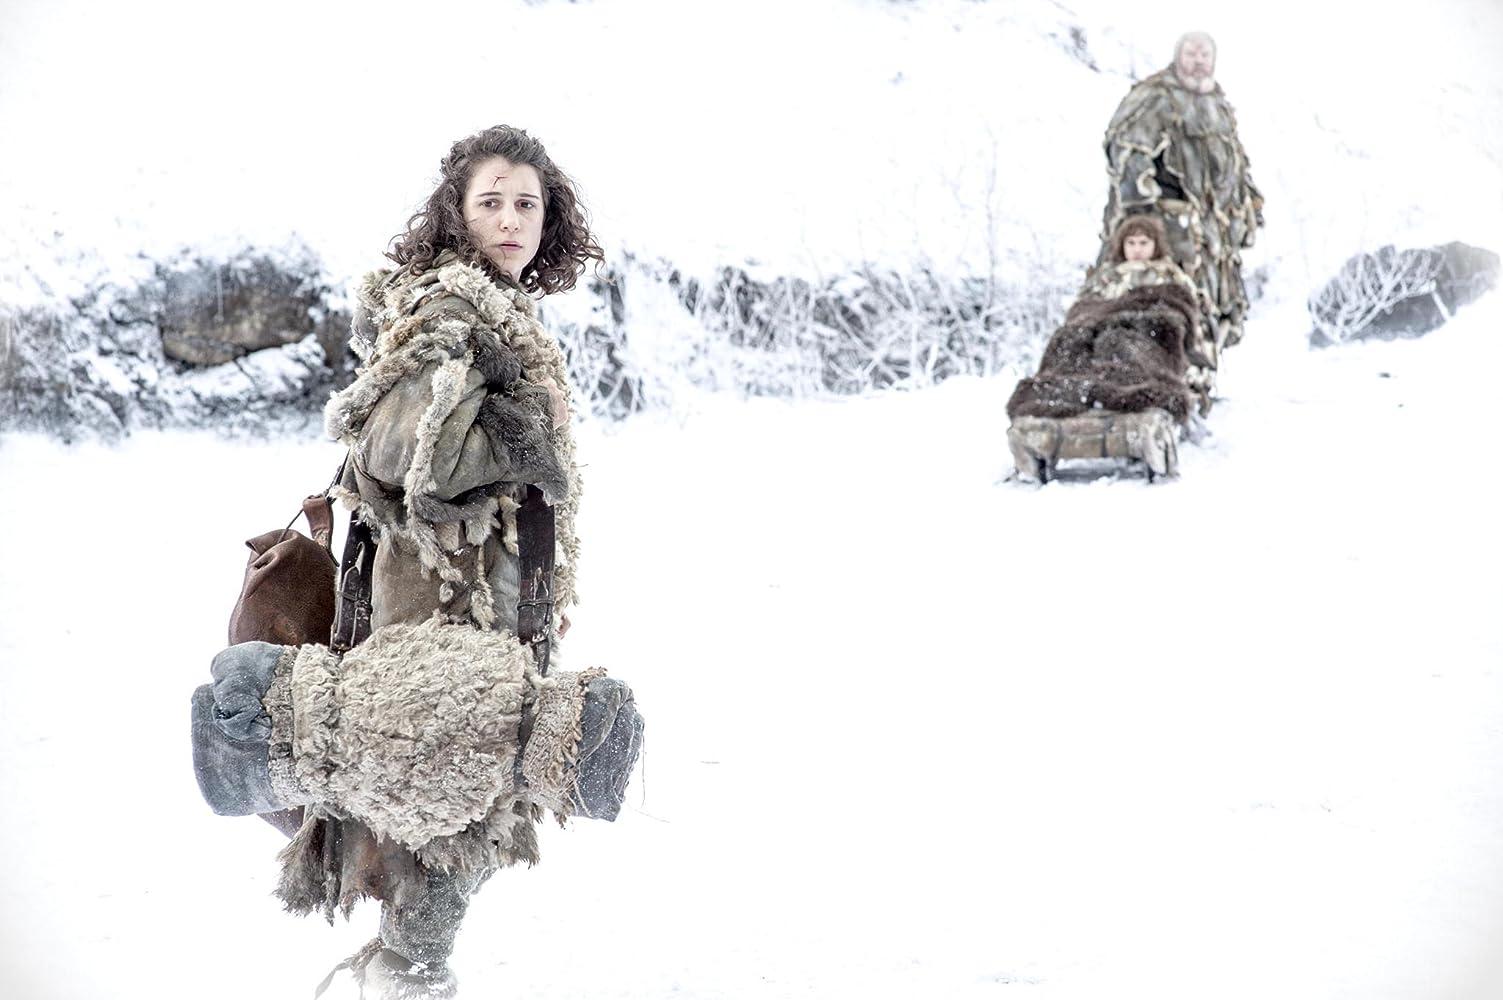 Ellie Kendrick, Isaac Hempstead Wright, dan Kristian Nairn in Game of Thrones (2011)